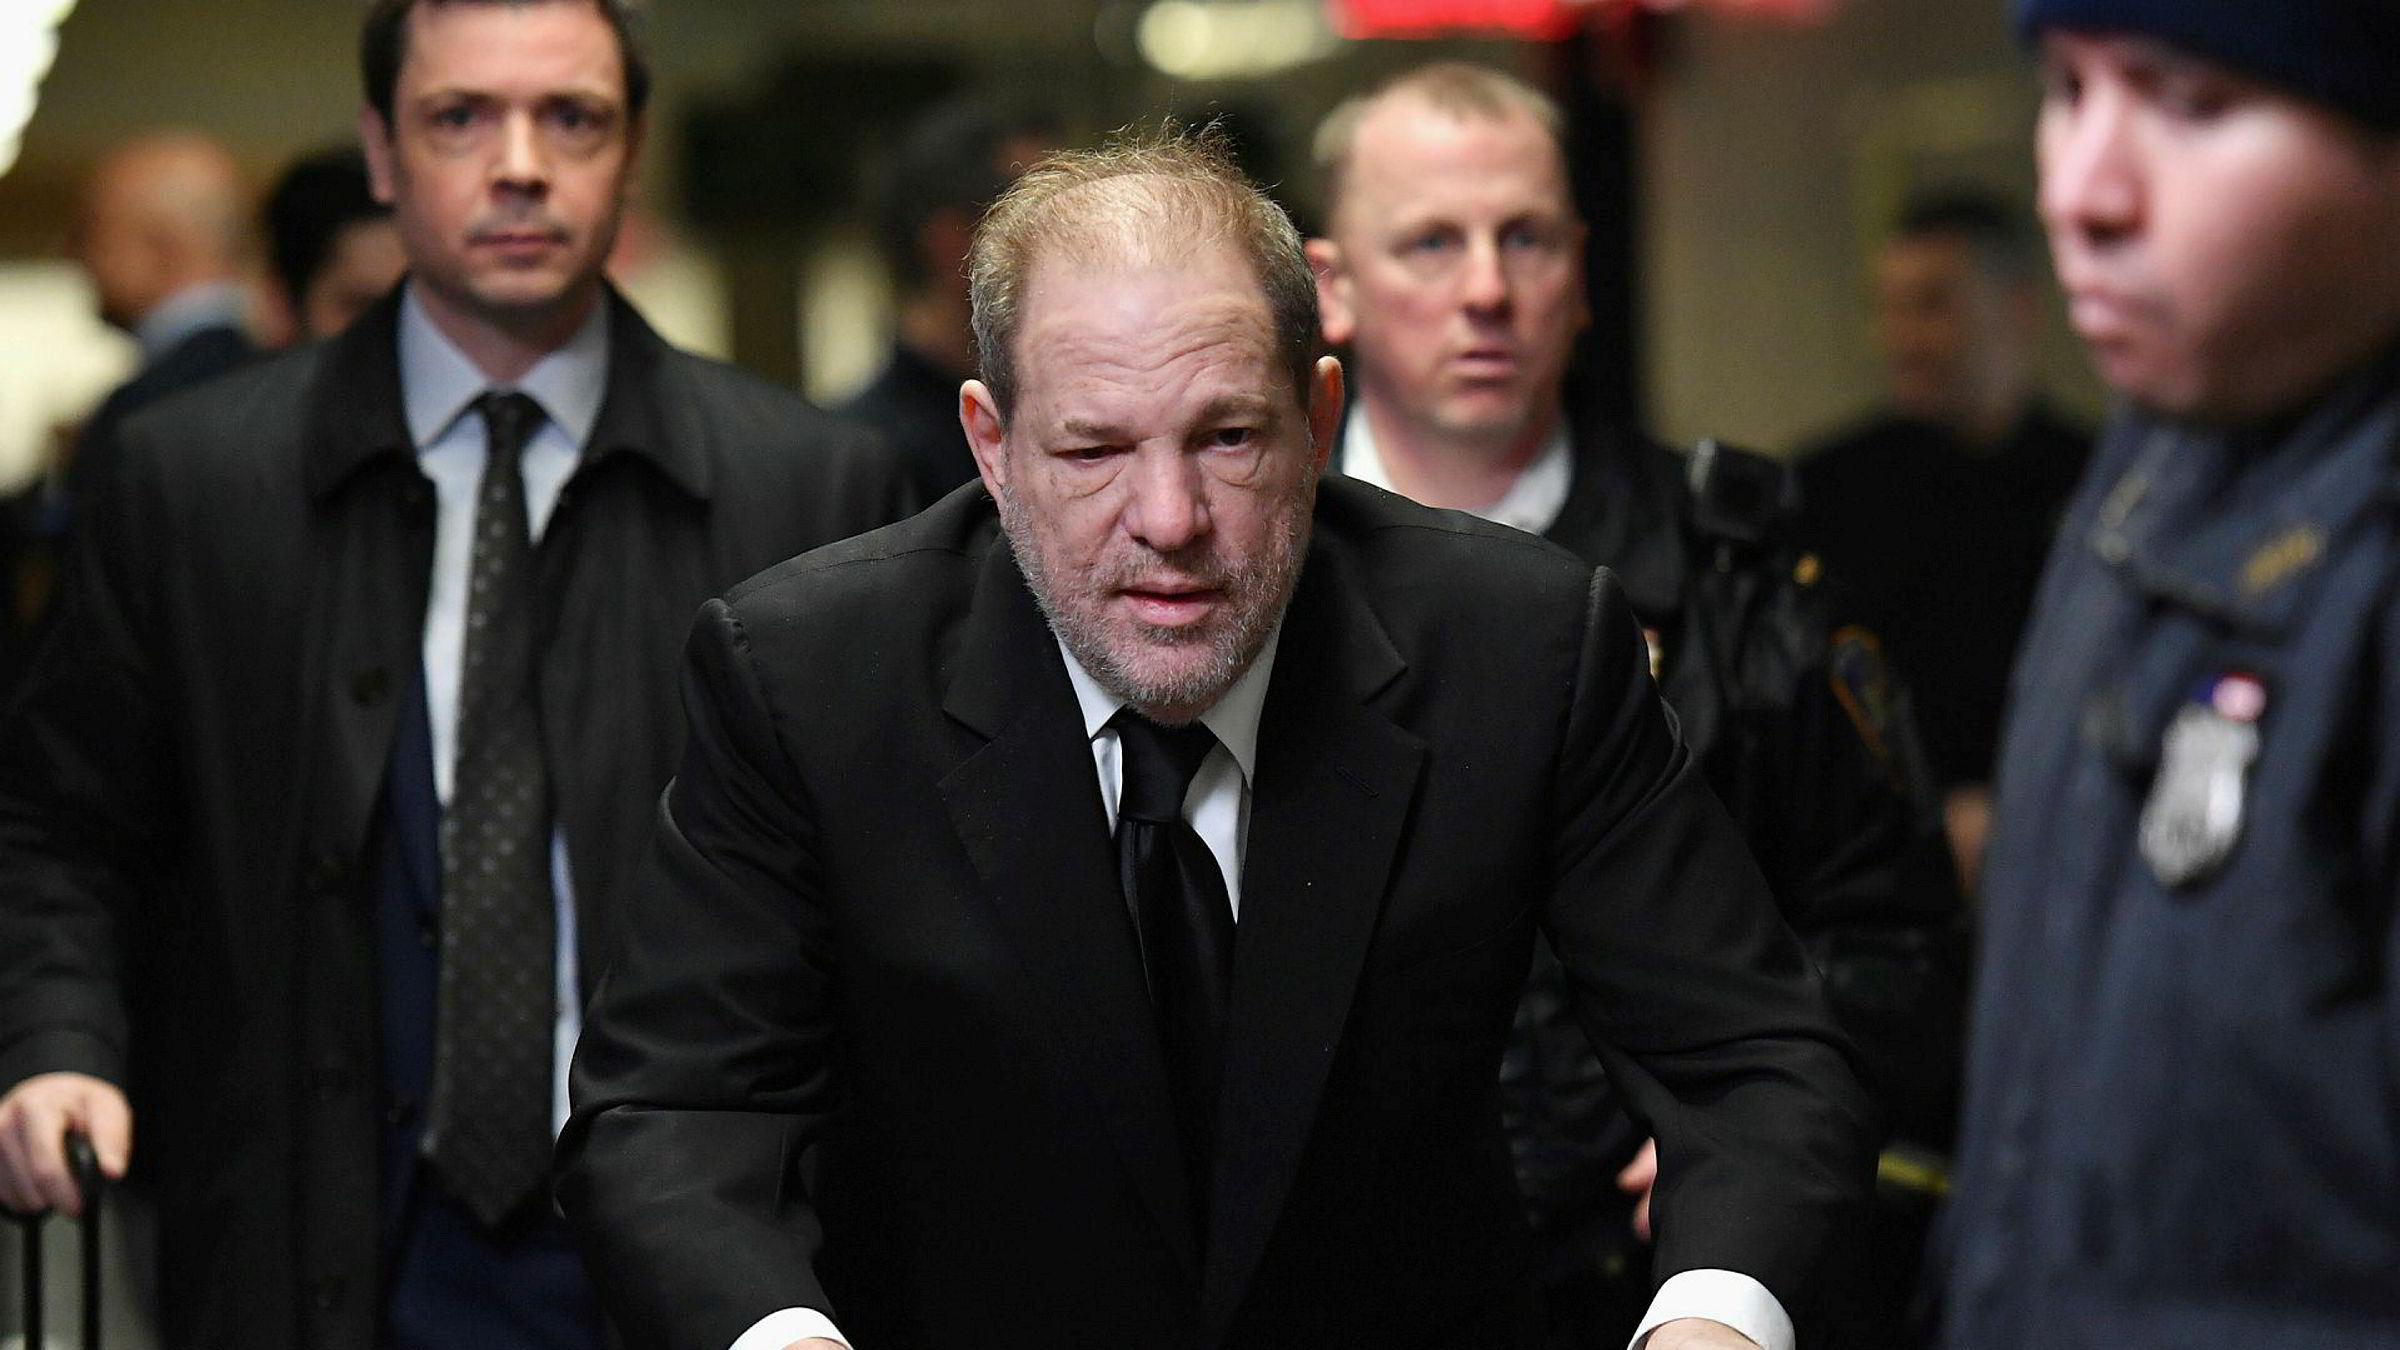 Bortimot 90 kvinner, blant dem Angelina Jolie og Gwyneth Paltrow, har anklaget tidligere filmmogulen Harvey Weinstein for voldtekter, overgrep og seksuell trakassering.